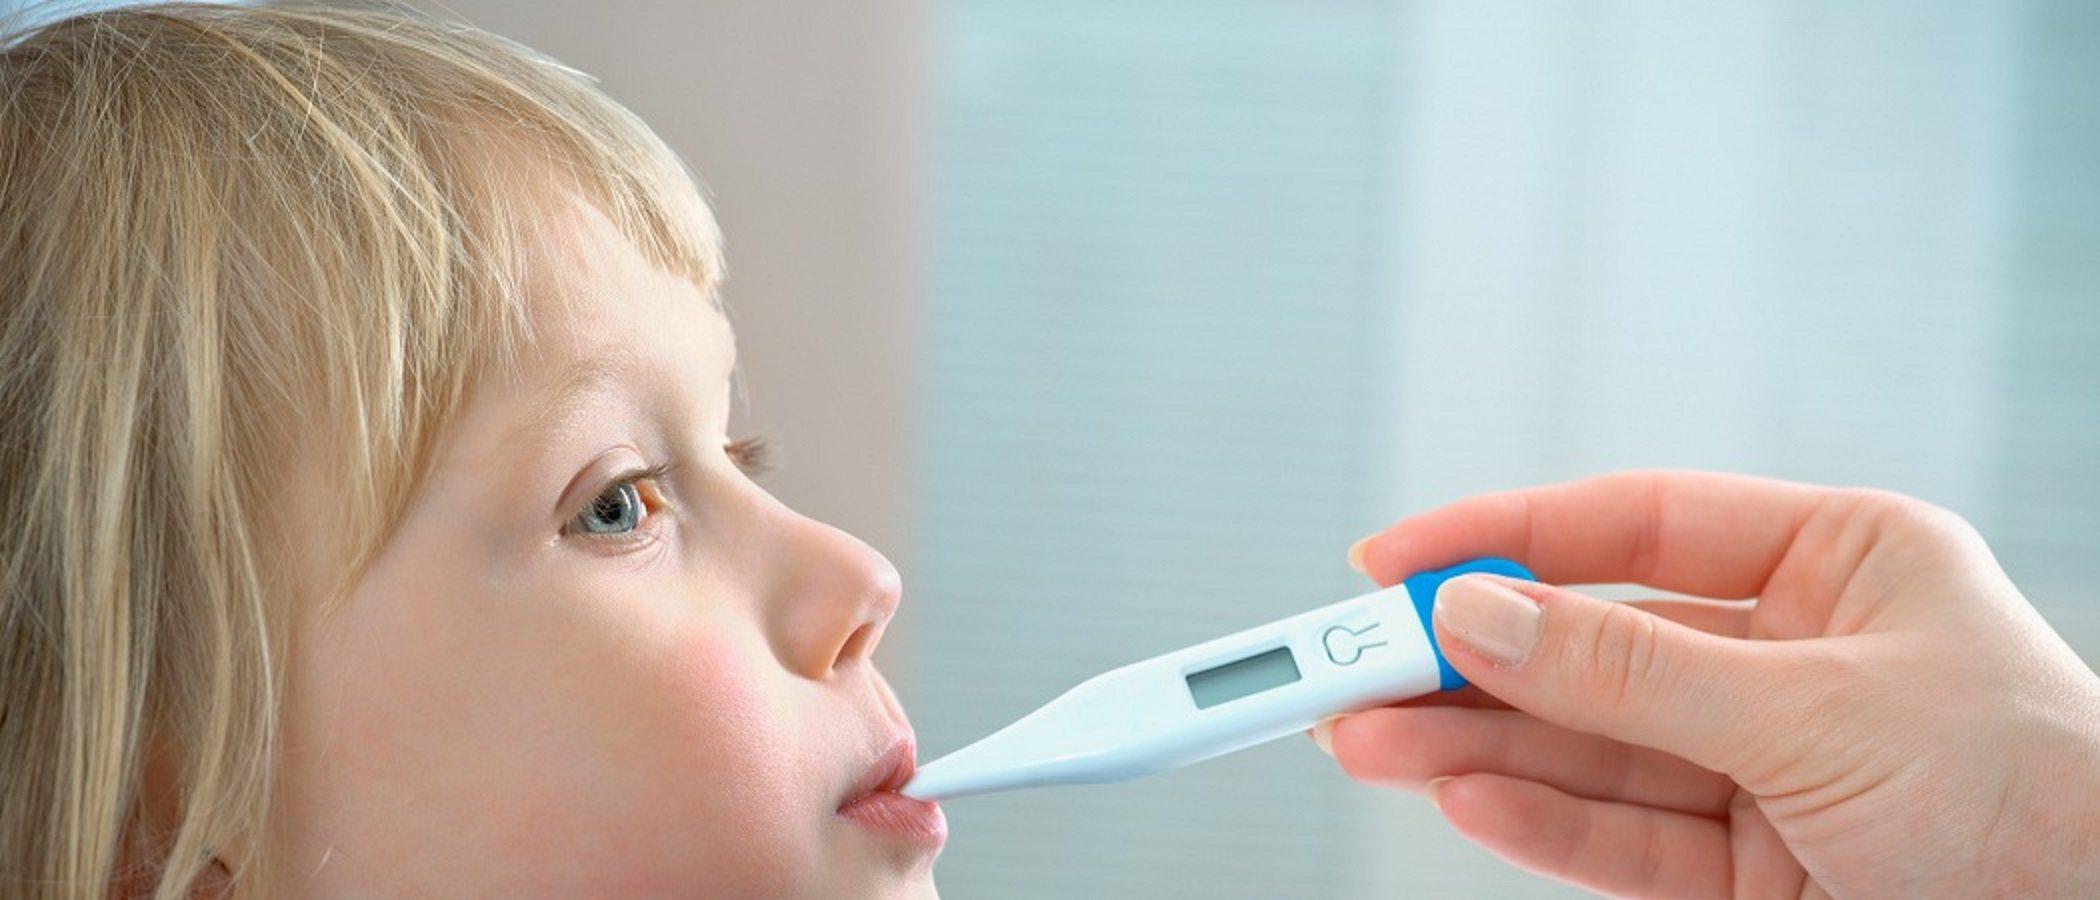 Por qué aparece la acetona en niños